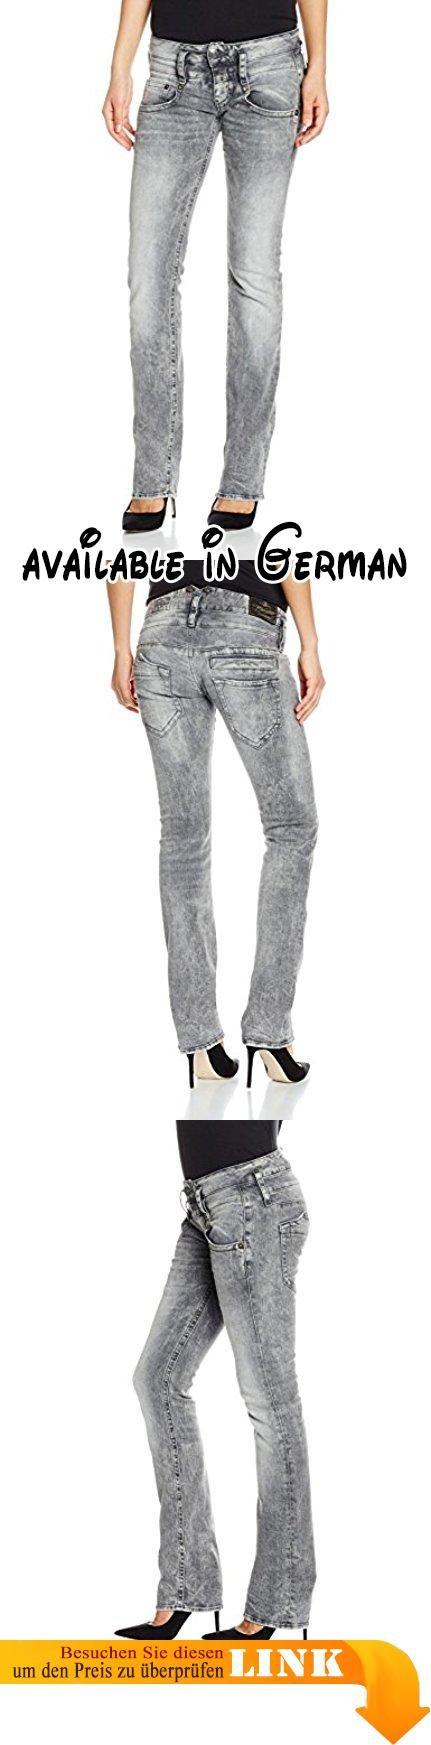 Herrlicher Damen Straight Jeans (Gerades Bein) Pitch Denim, Grau (Bleak 041), W25/L32 (Manufacturer Size:25).  #Apparel #PANTS